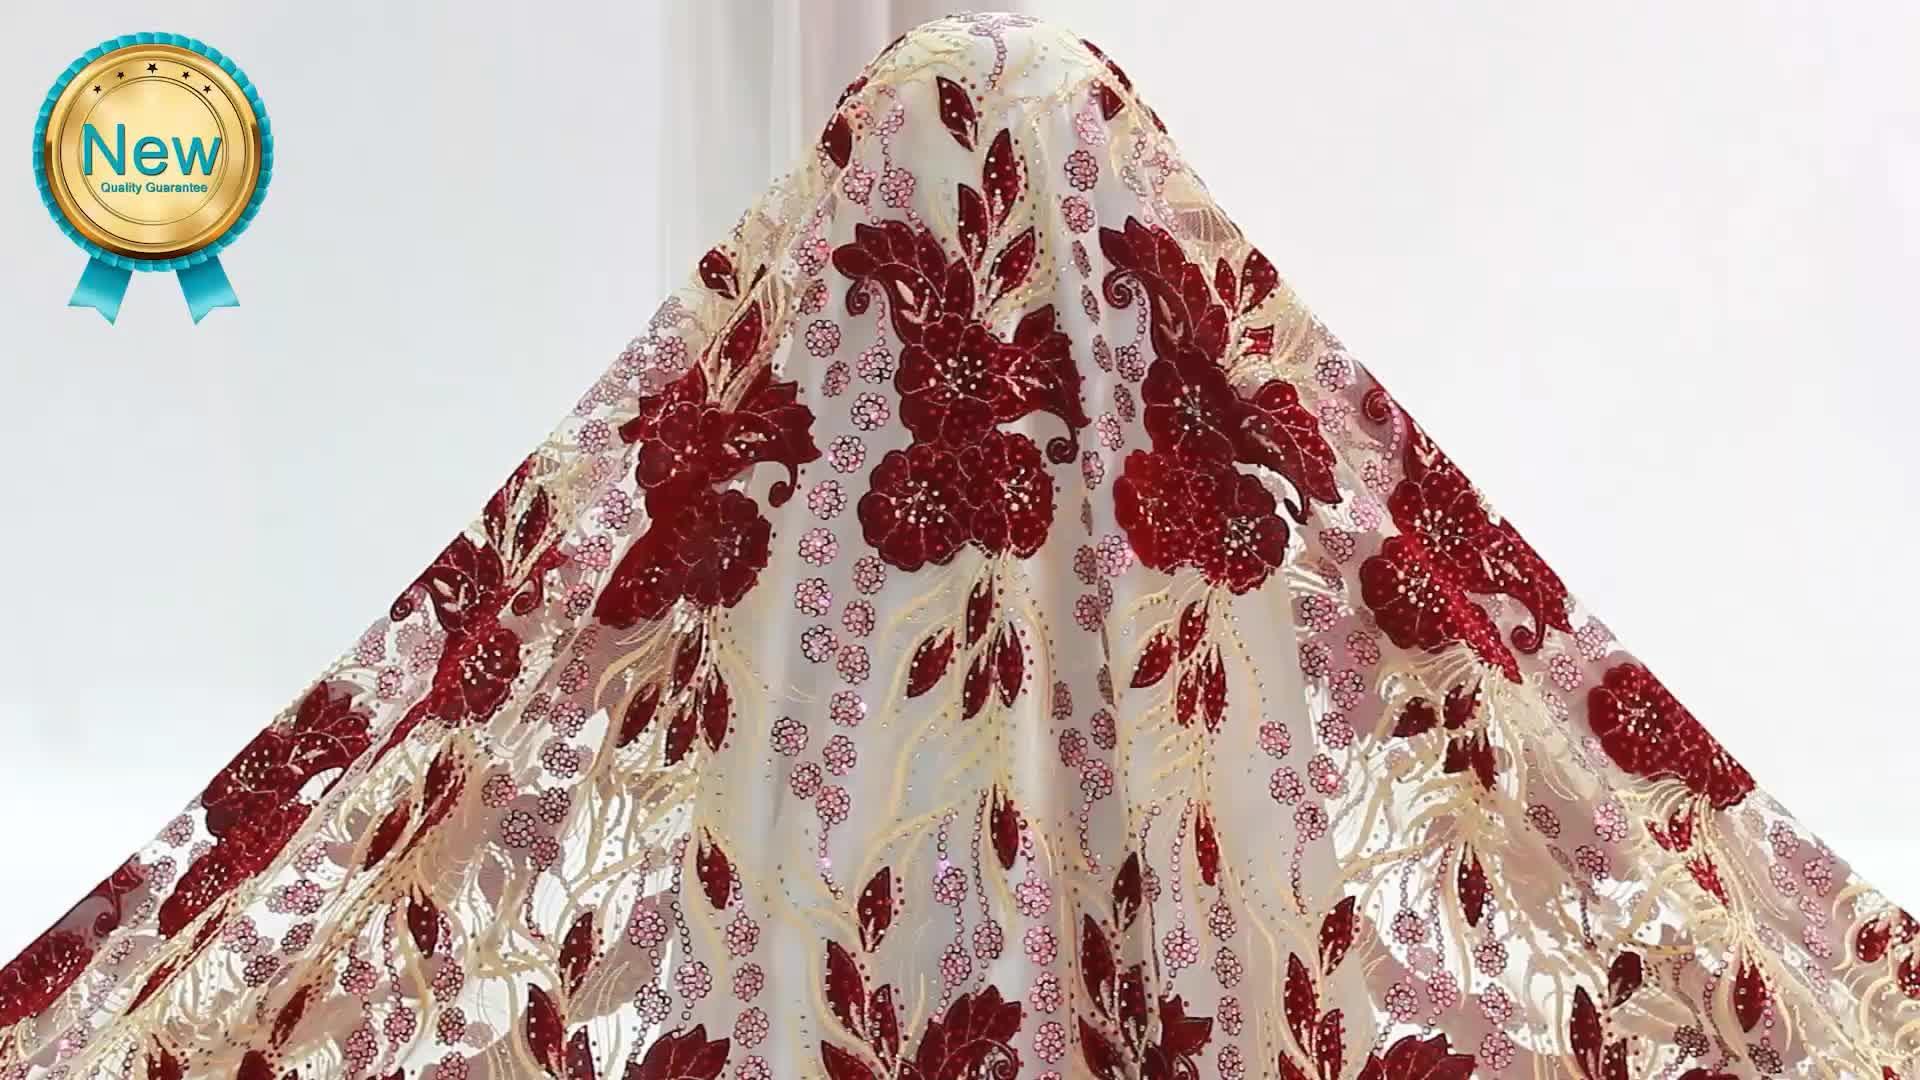 Bestway nouveau Design brodé en gros français paillettes dentelle tissus avec des pierres